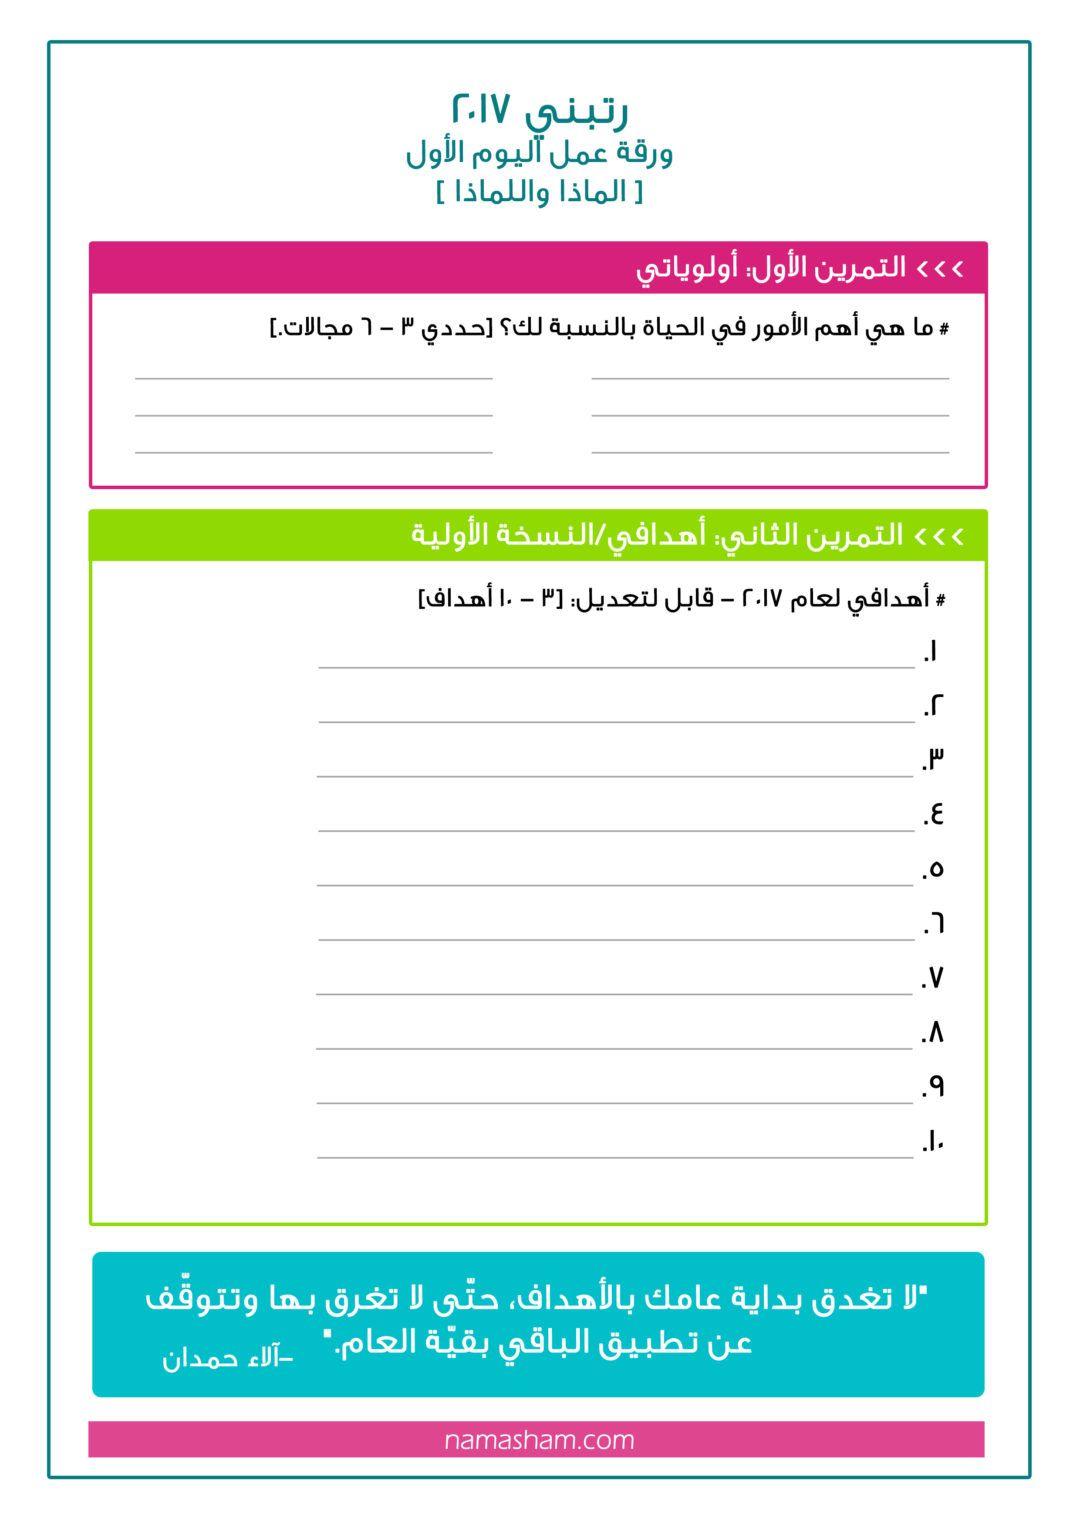 أوراق عمل دورة رتبني2017 مدونة نماء شام Bullet Journal Books Planner Paper Book Journal